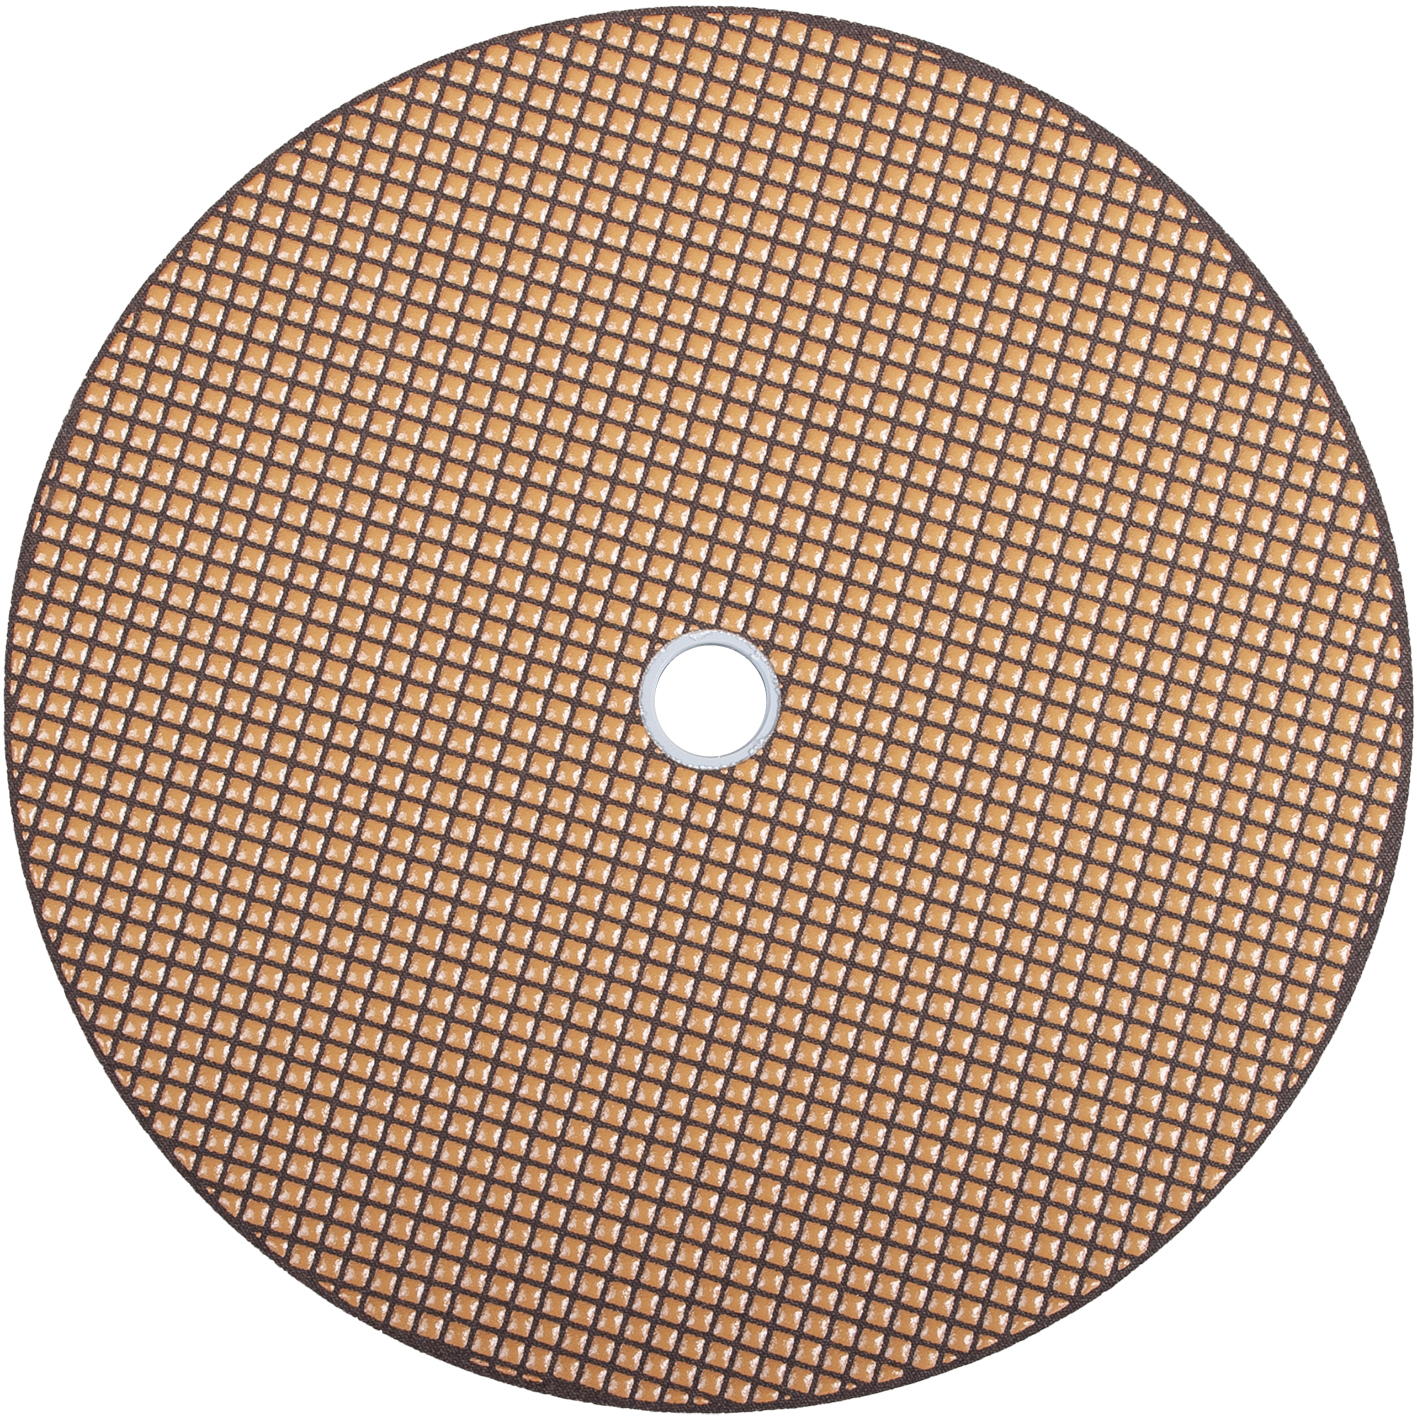 Diamantschleifteller OCTRON ø 250 mm   Klett   Korn 3000